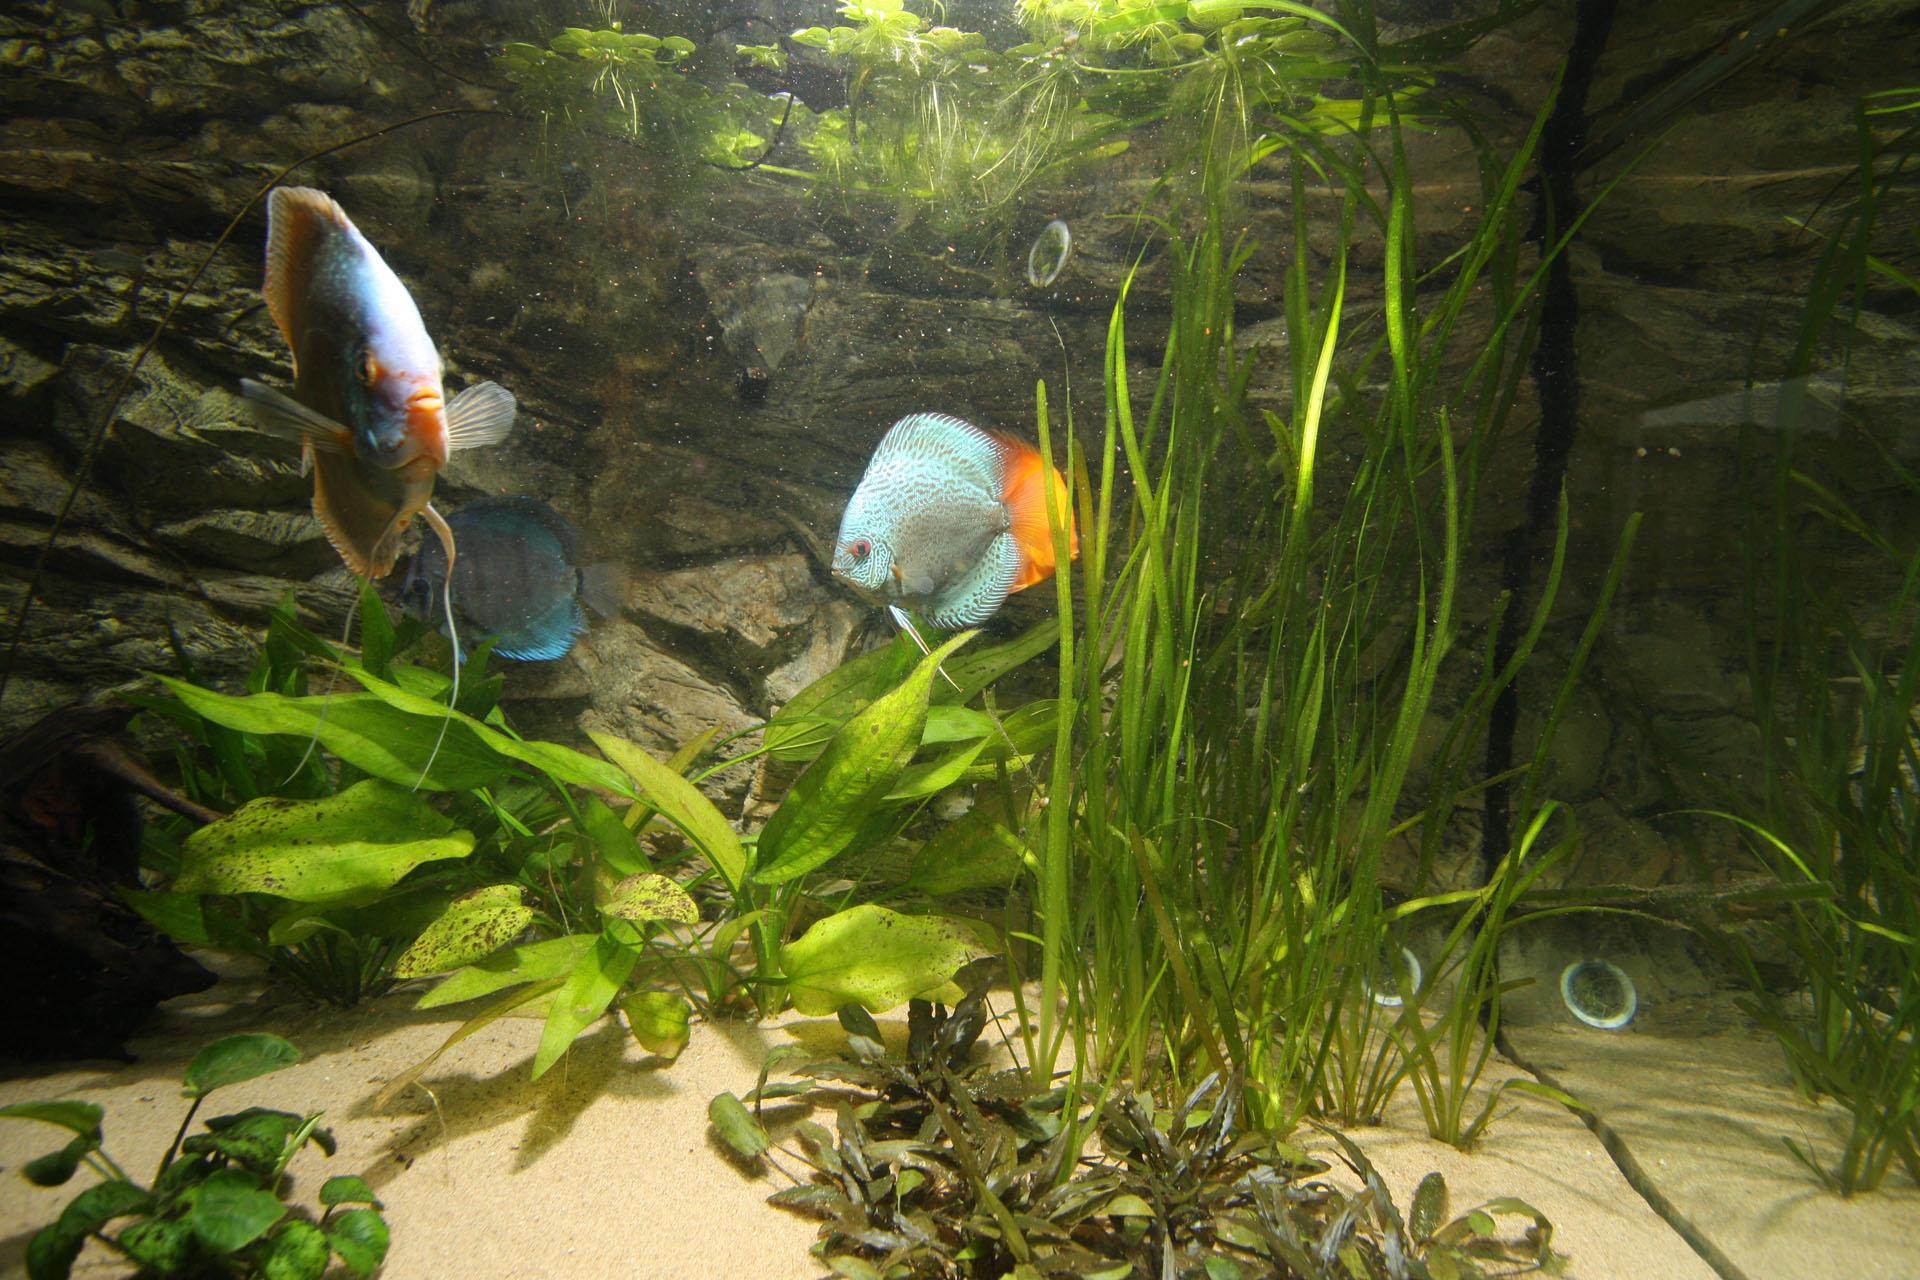 Show aquarium met Stendker discusvissen: Cobalt Blue, Malboro Red